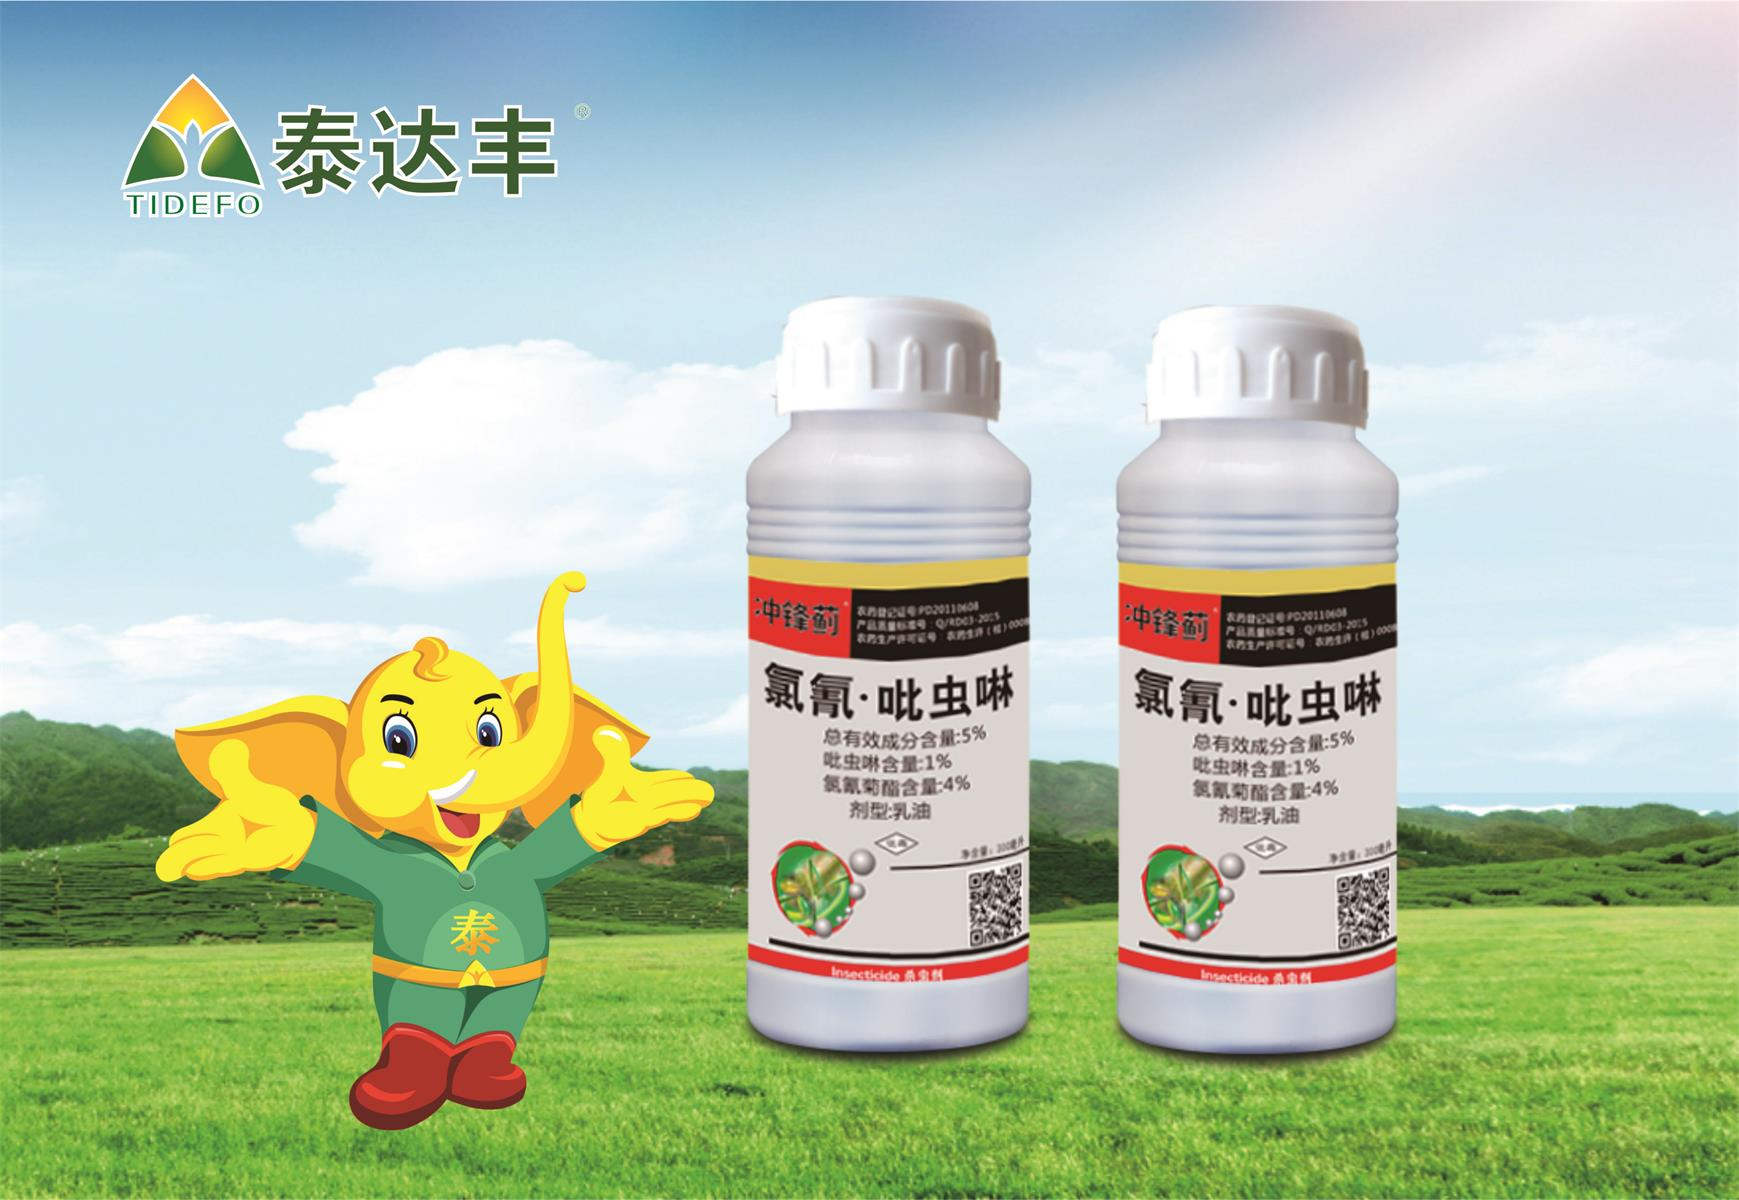 冲锋蓟--5%氯氰·吡虫啉